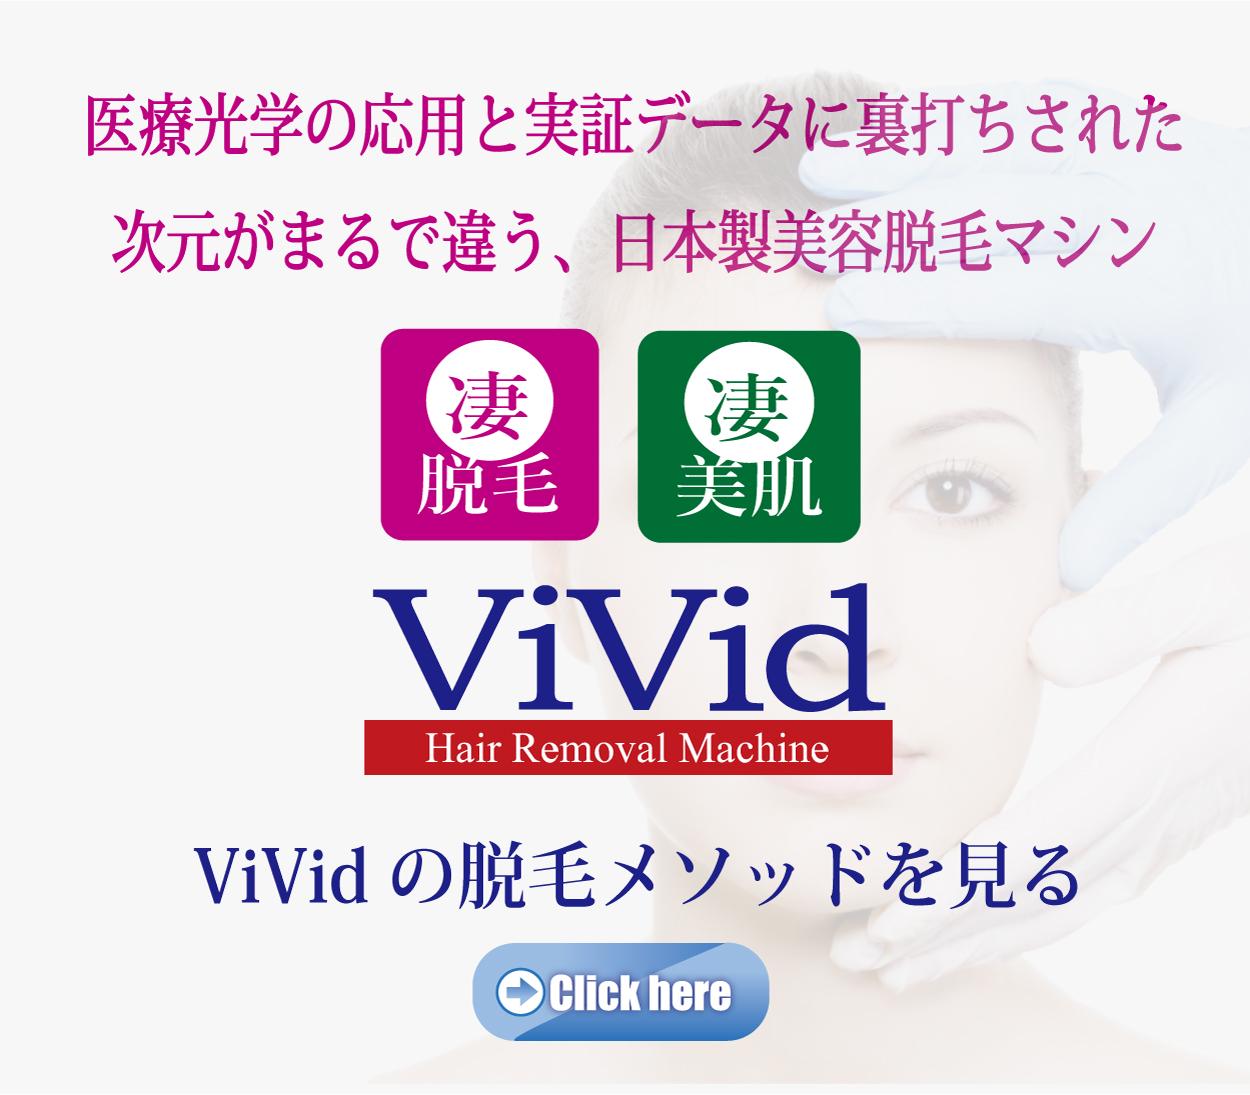 ViVid脱毛メソッド